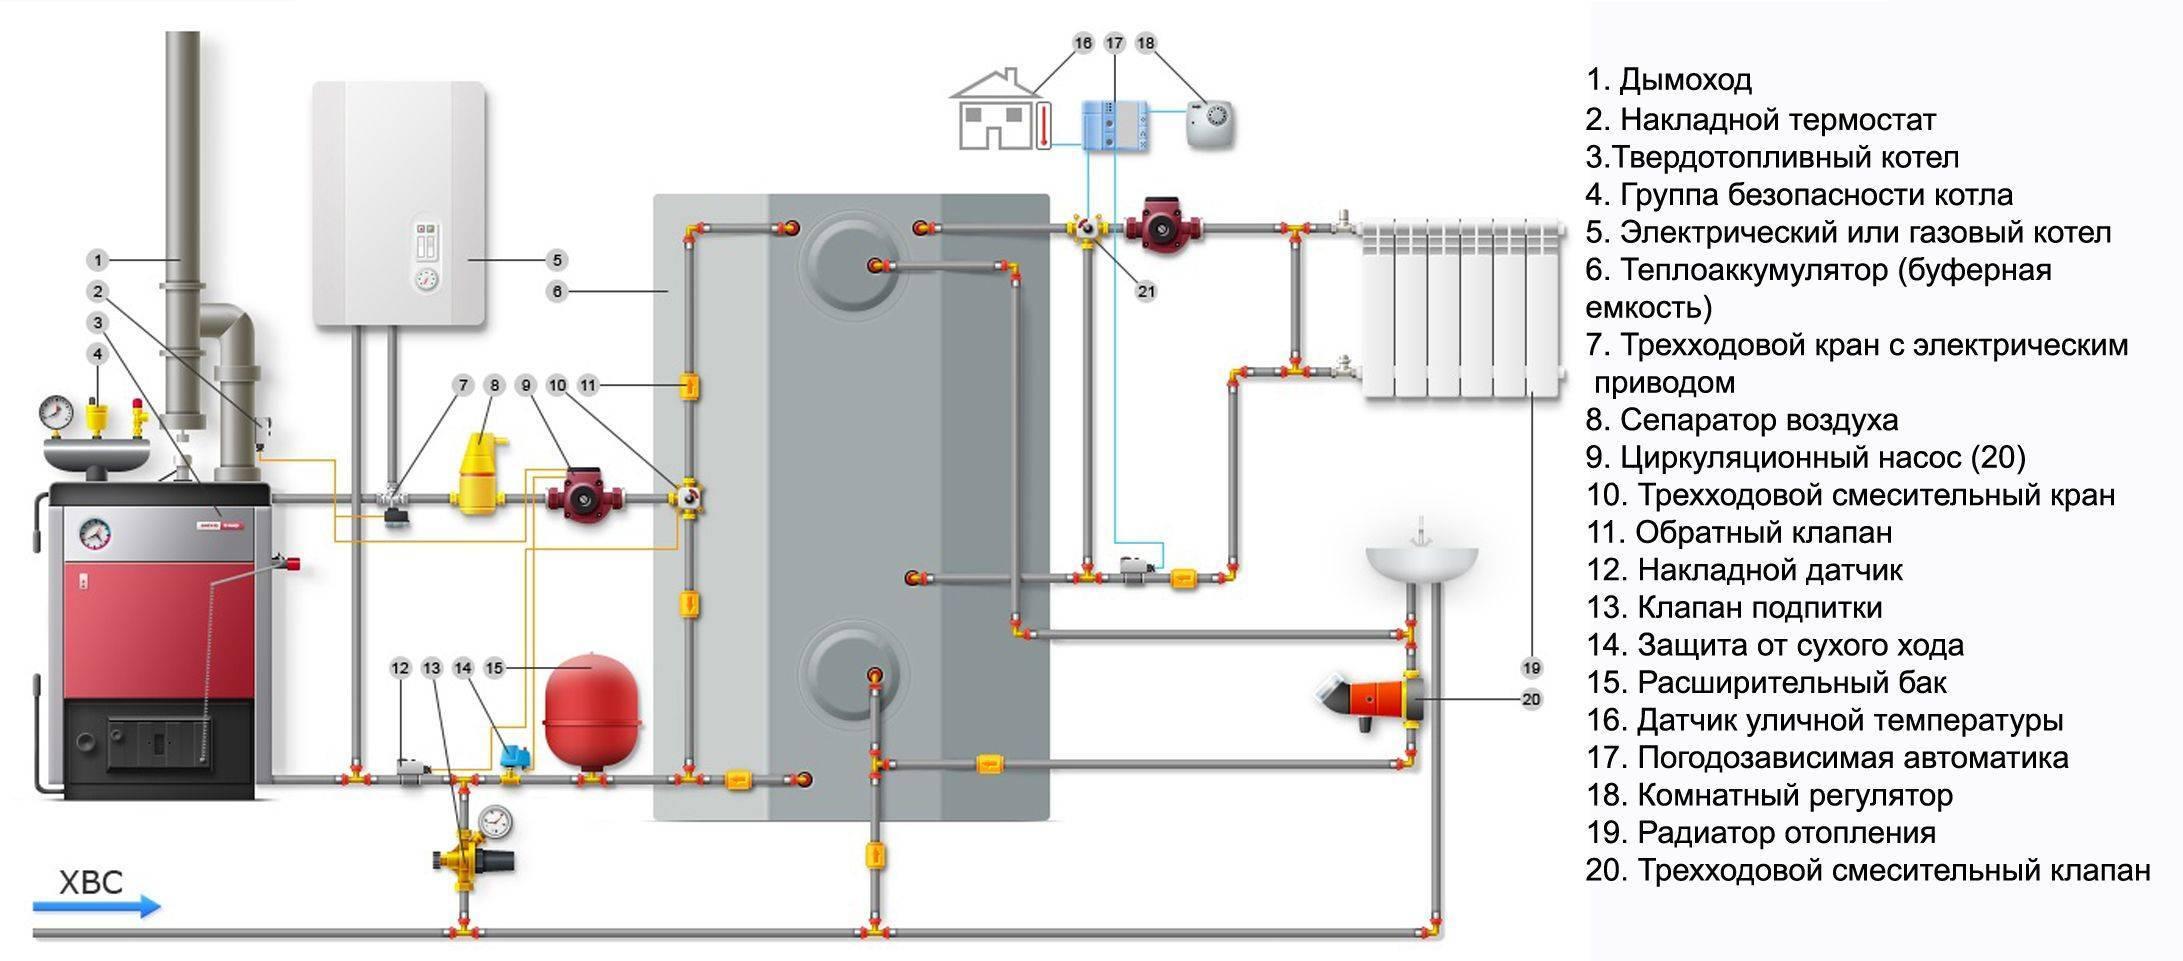 Отопление от электрокотла: варианты организации отопления на основе электрического котла